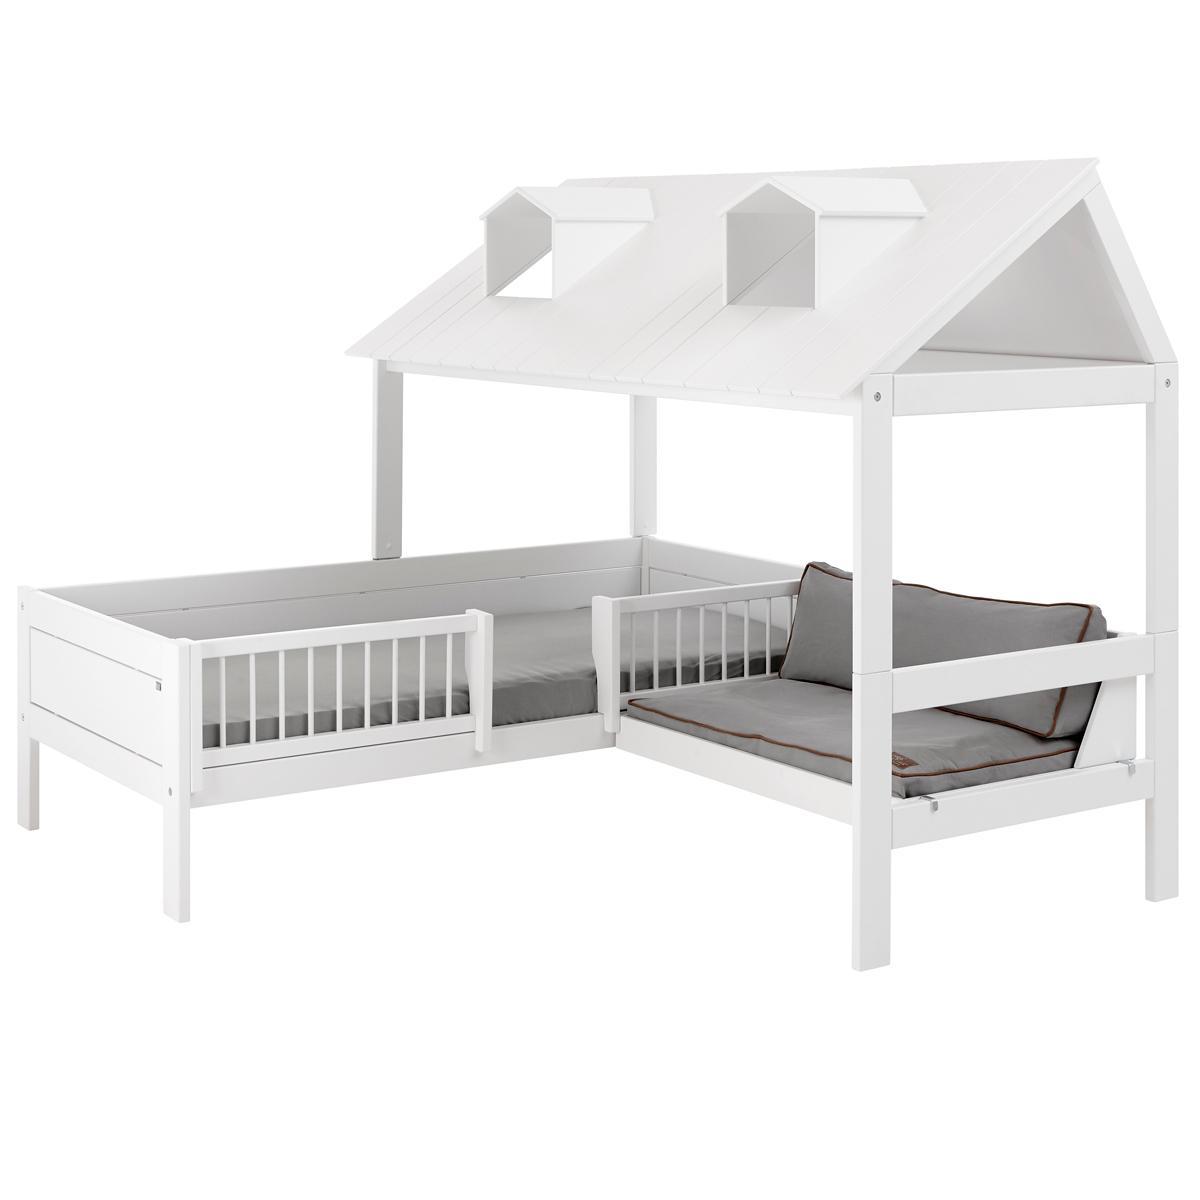 Cama cabaña 90x200cm sofá + somier de luxe BEACH HOUSE Lifetime blanco